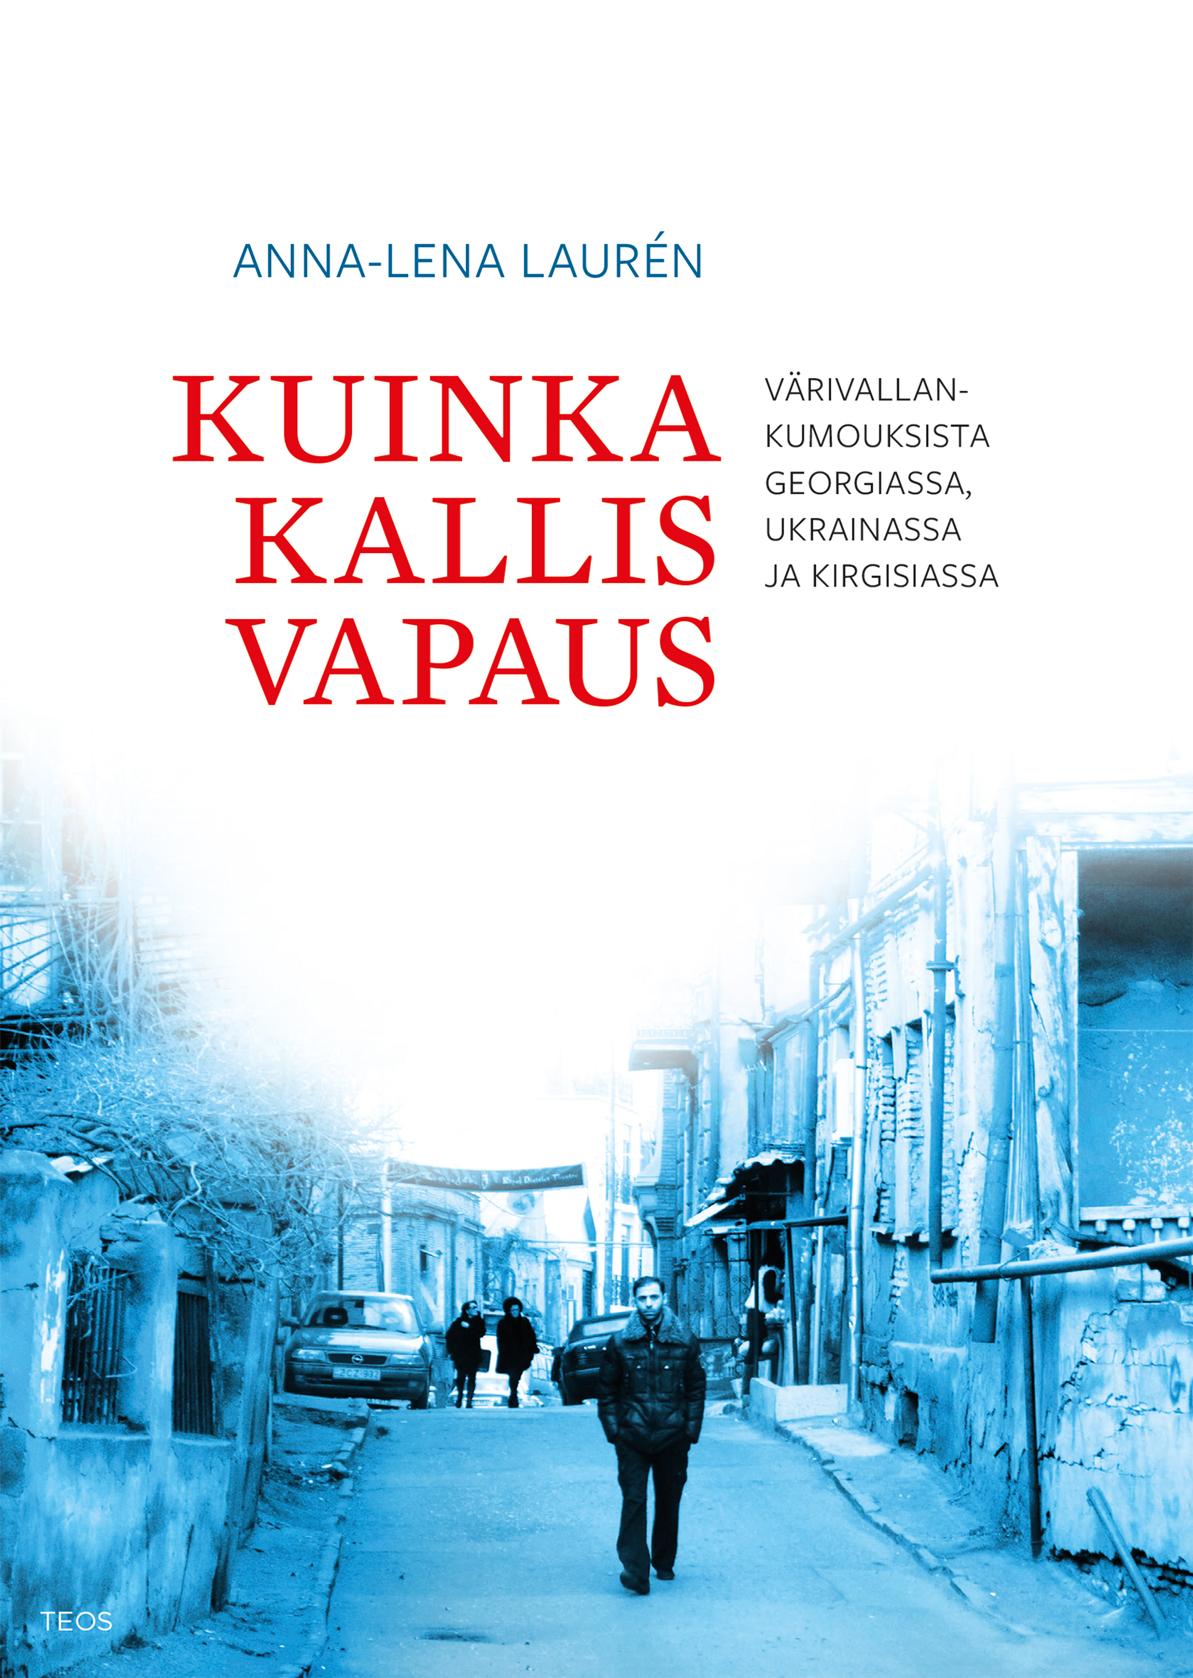 Anna-Lena Laurén: Kuinka kallis vapaus. Teos 2013, 208 sivua.